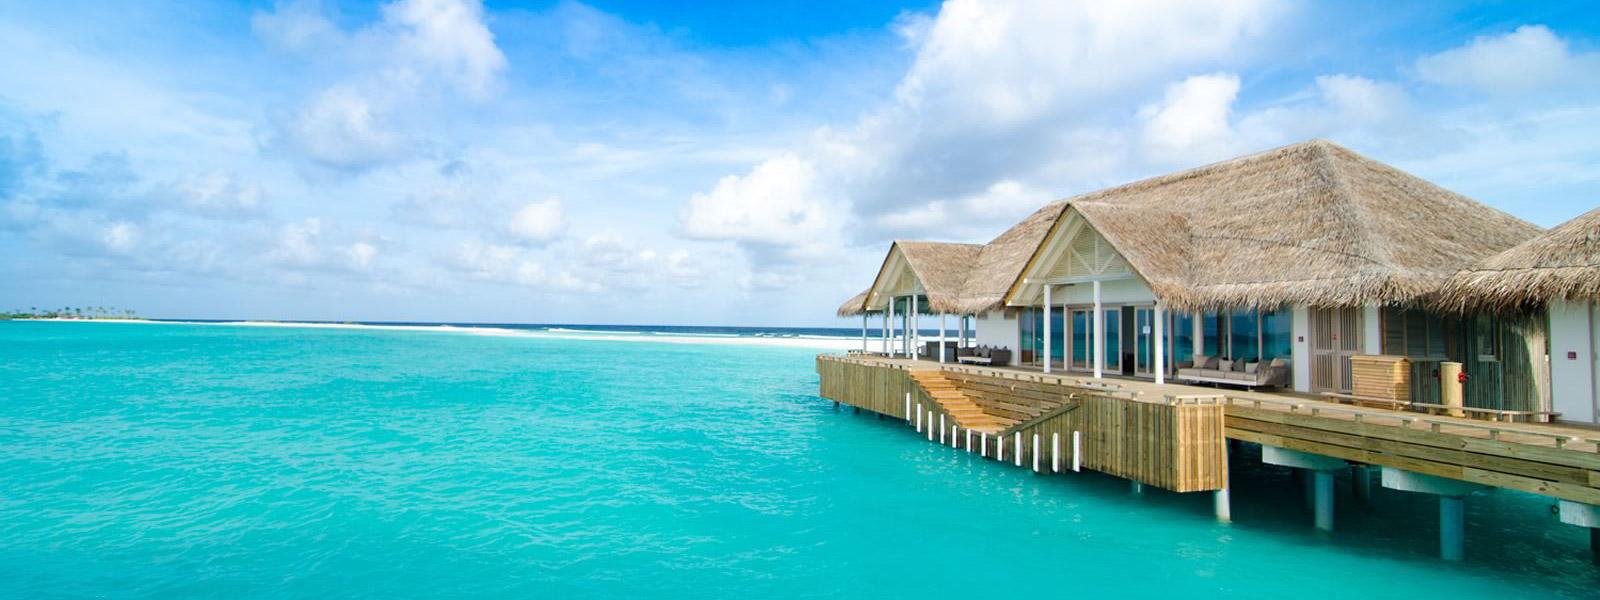 Maldives Dive Center Baa Atoll